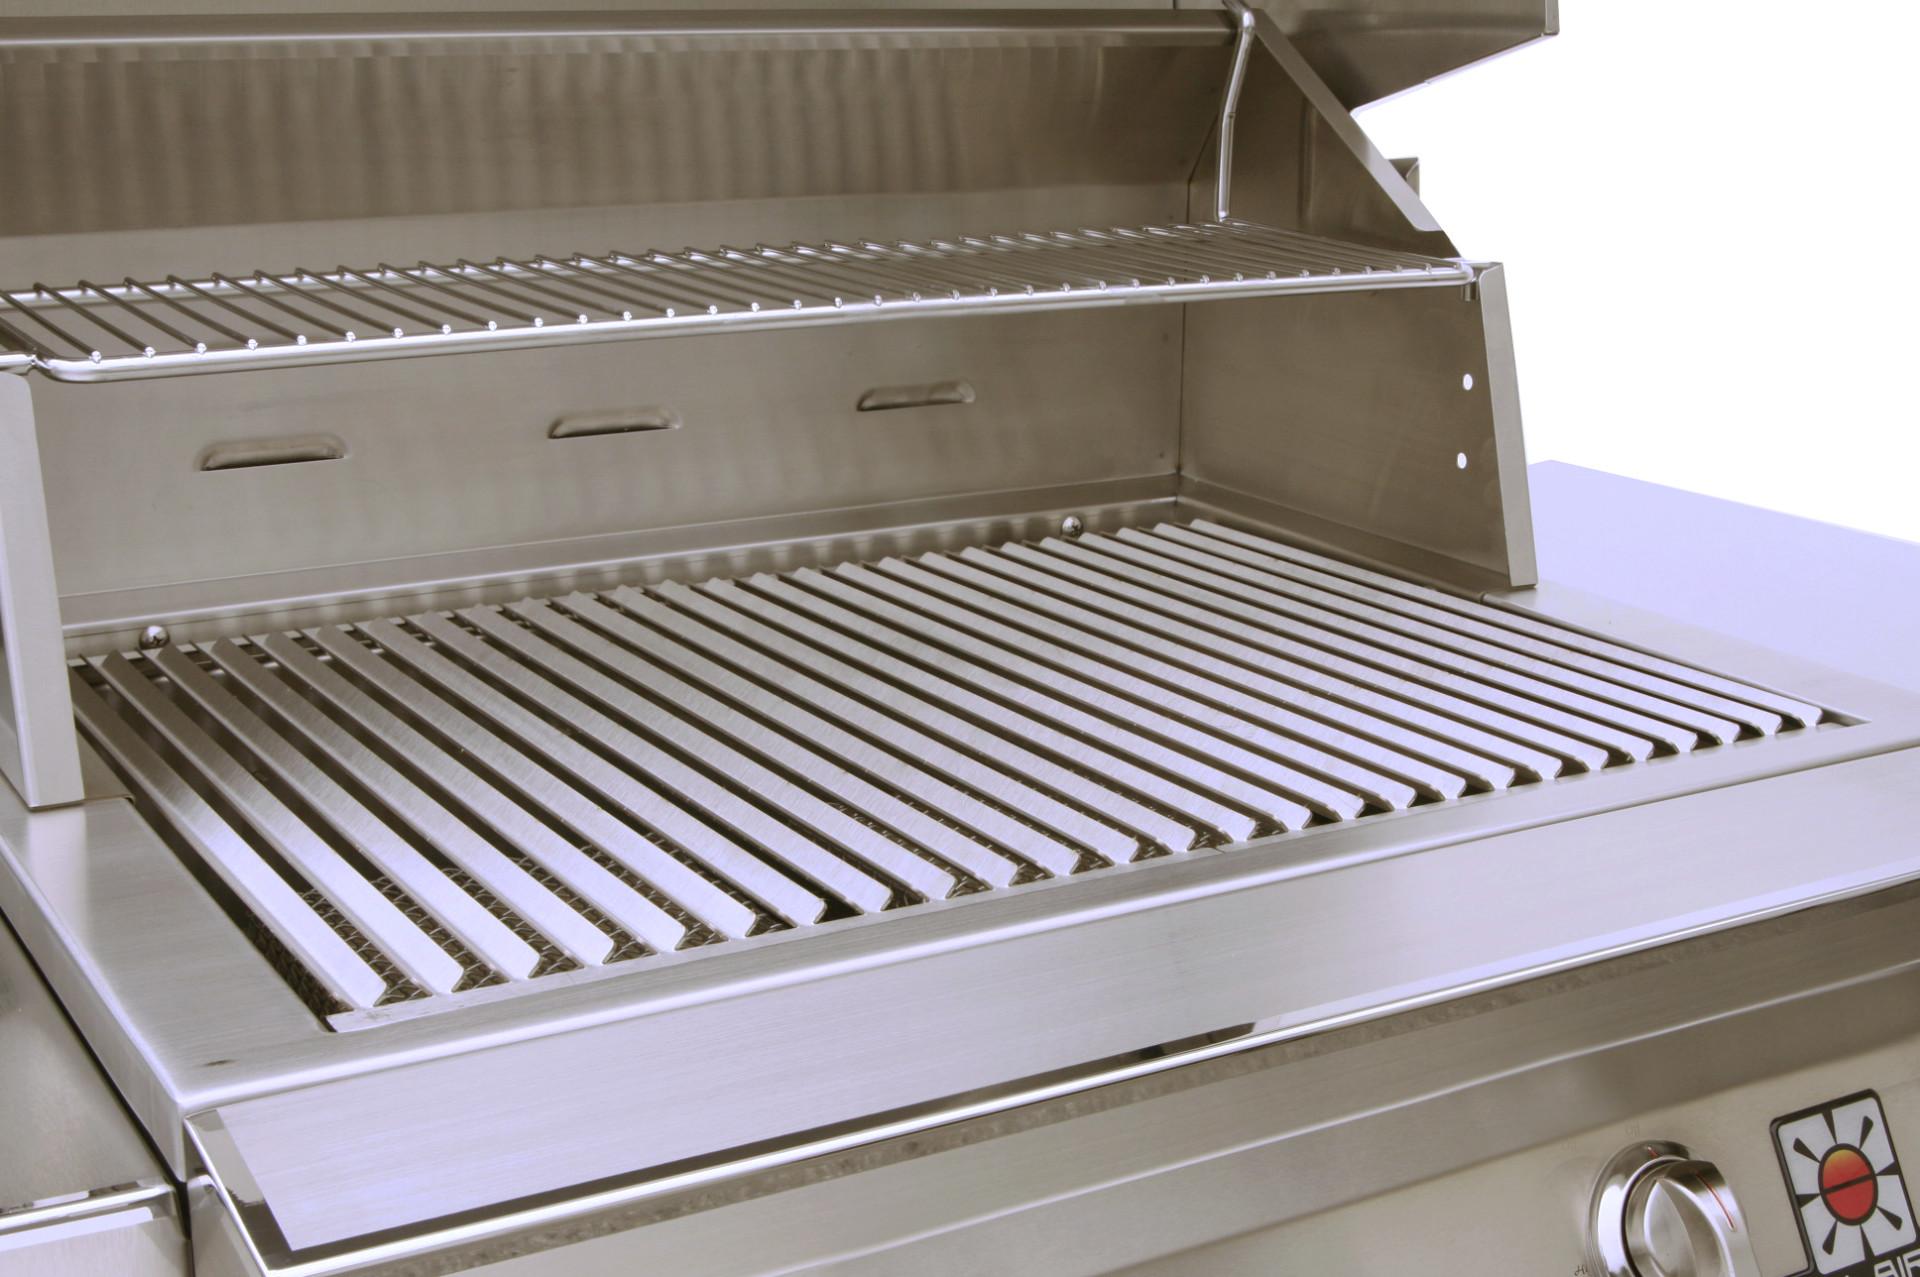 IRBQ-30C_detail-grate-warming-rack-logo_2-r100-w1920